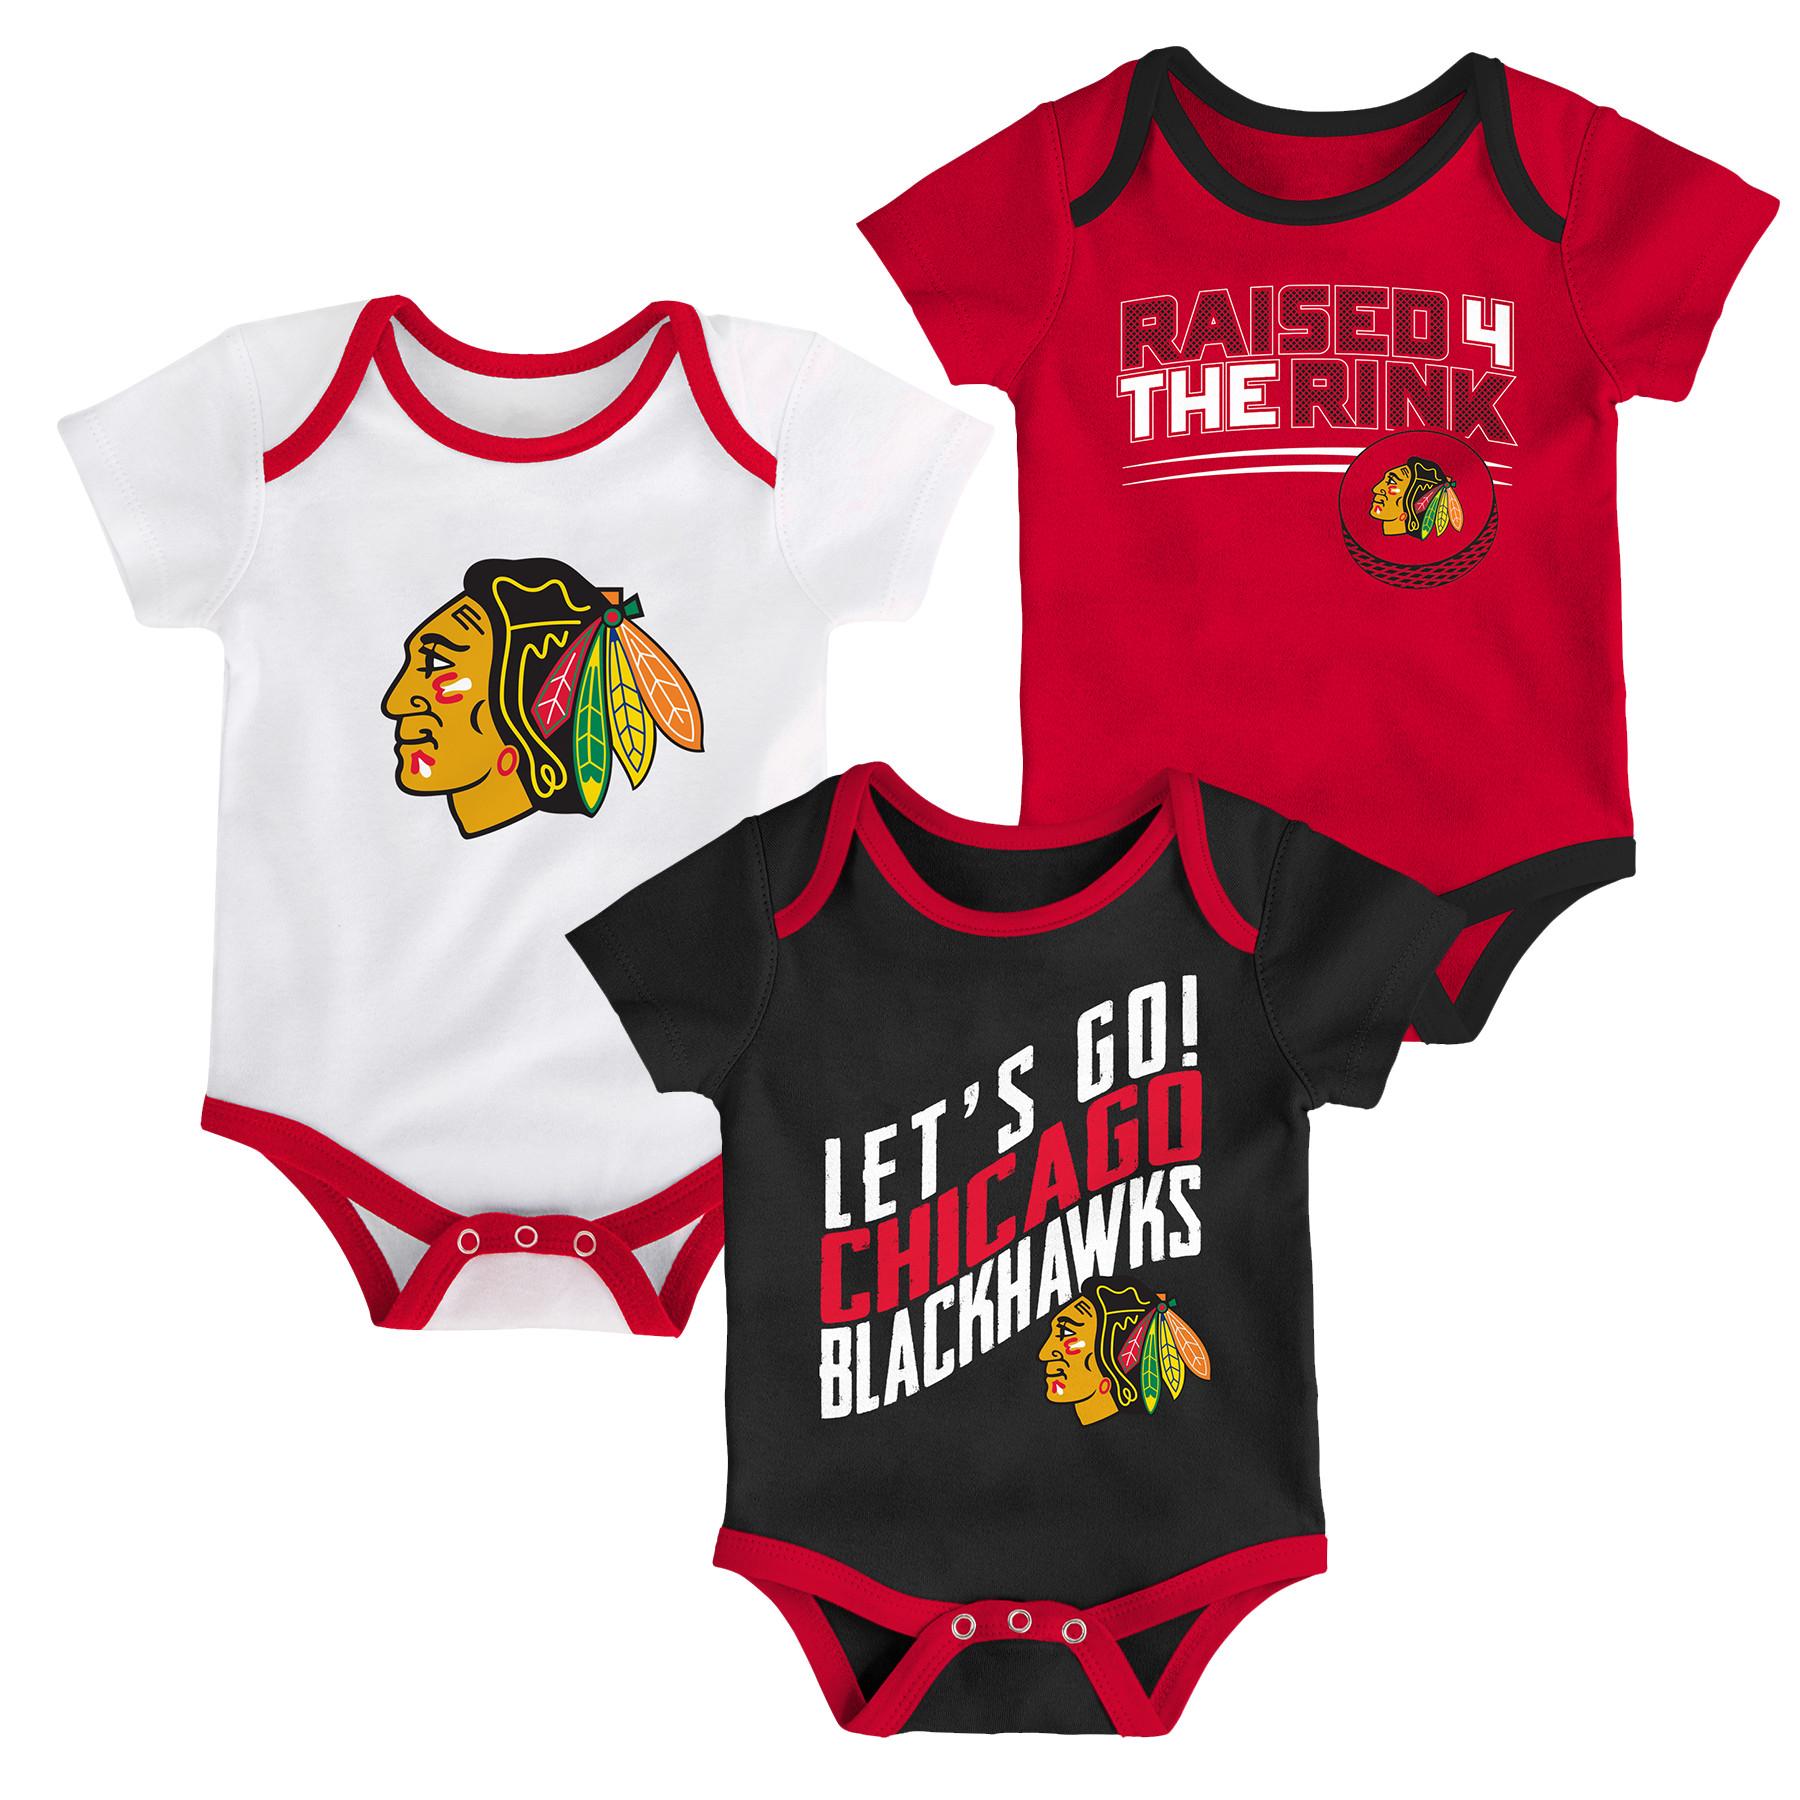 Chicago Blackhawks Newborn & Infant Power Play 3-Pack Bodysuit Set -  Red/White/Black